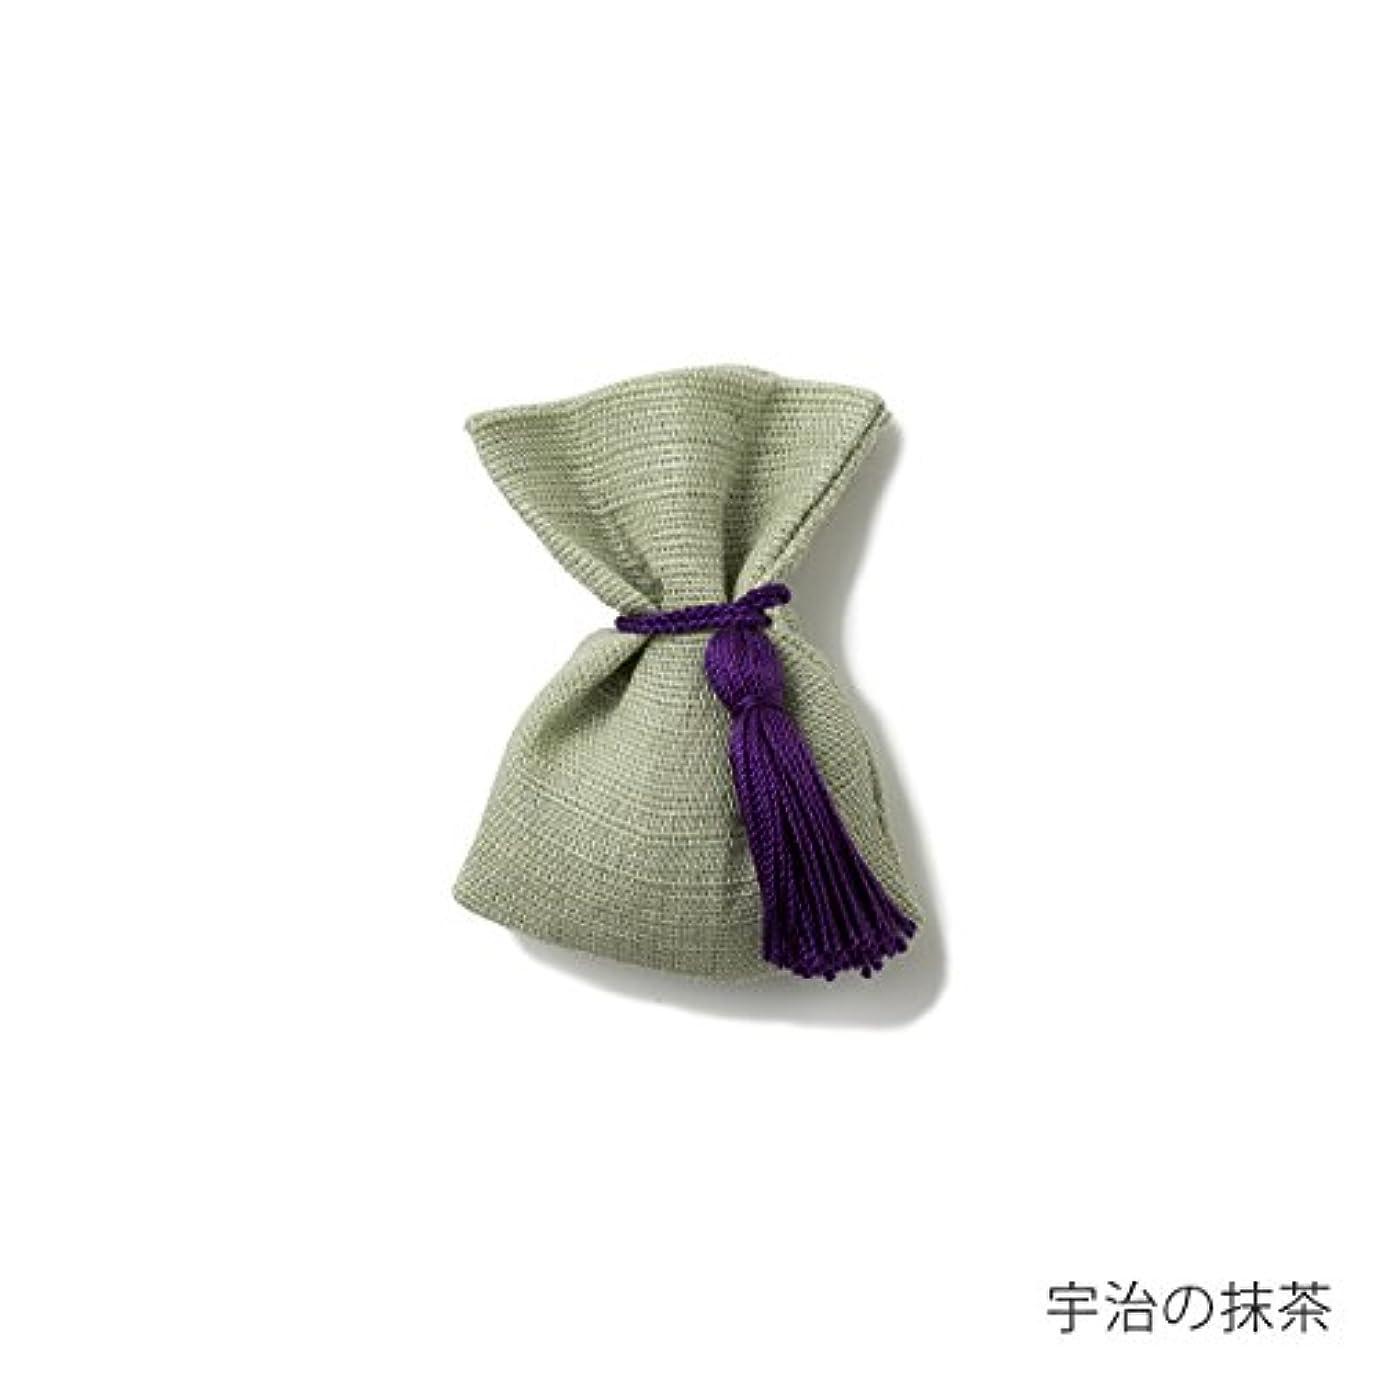 変化する絶壁個性【薫玉堂】 京の香り 香袋 宇治の抹茶